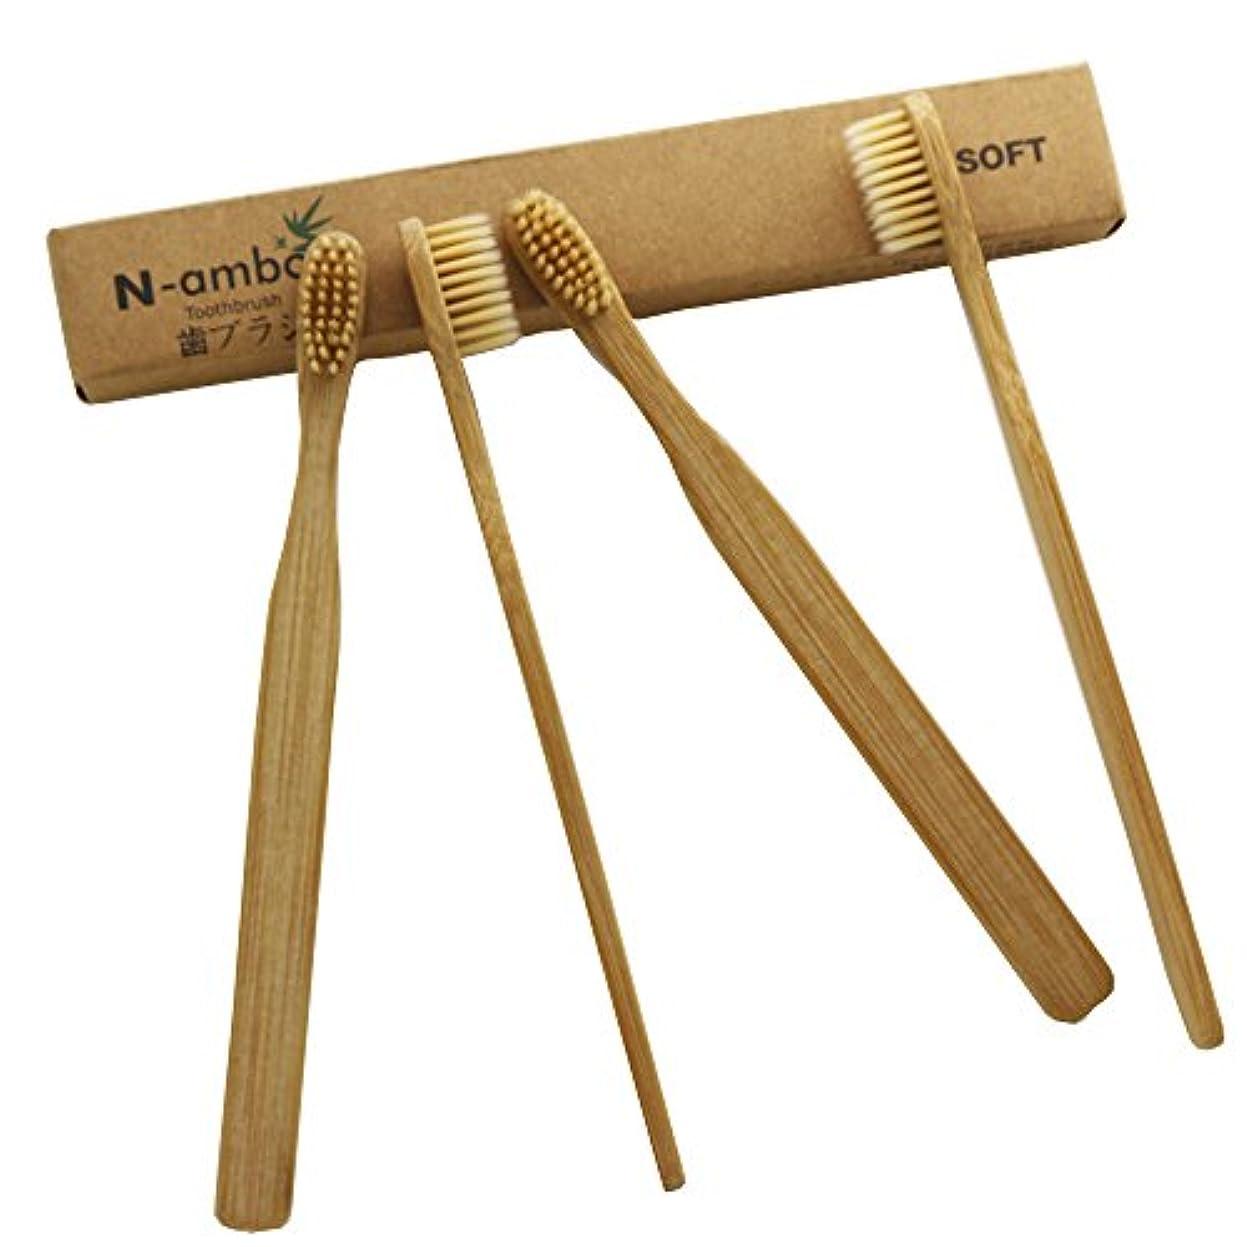 快適ファセットブラウザN-amboo 竹製 歯ブラシ 高耐久性 セット エコ ハンドル大きめ ベージュ (4本)